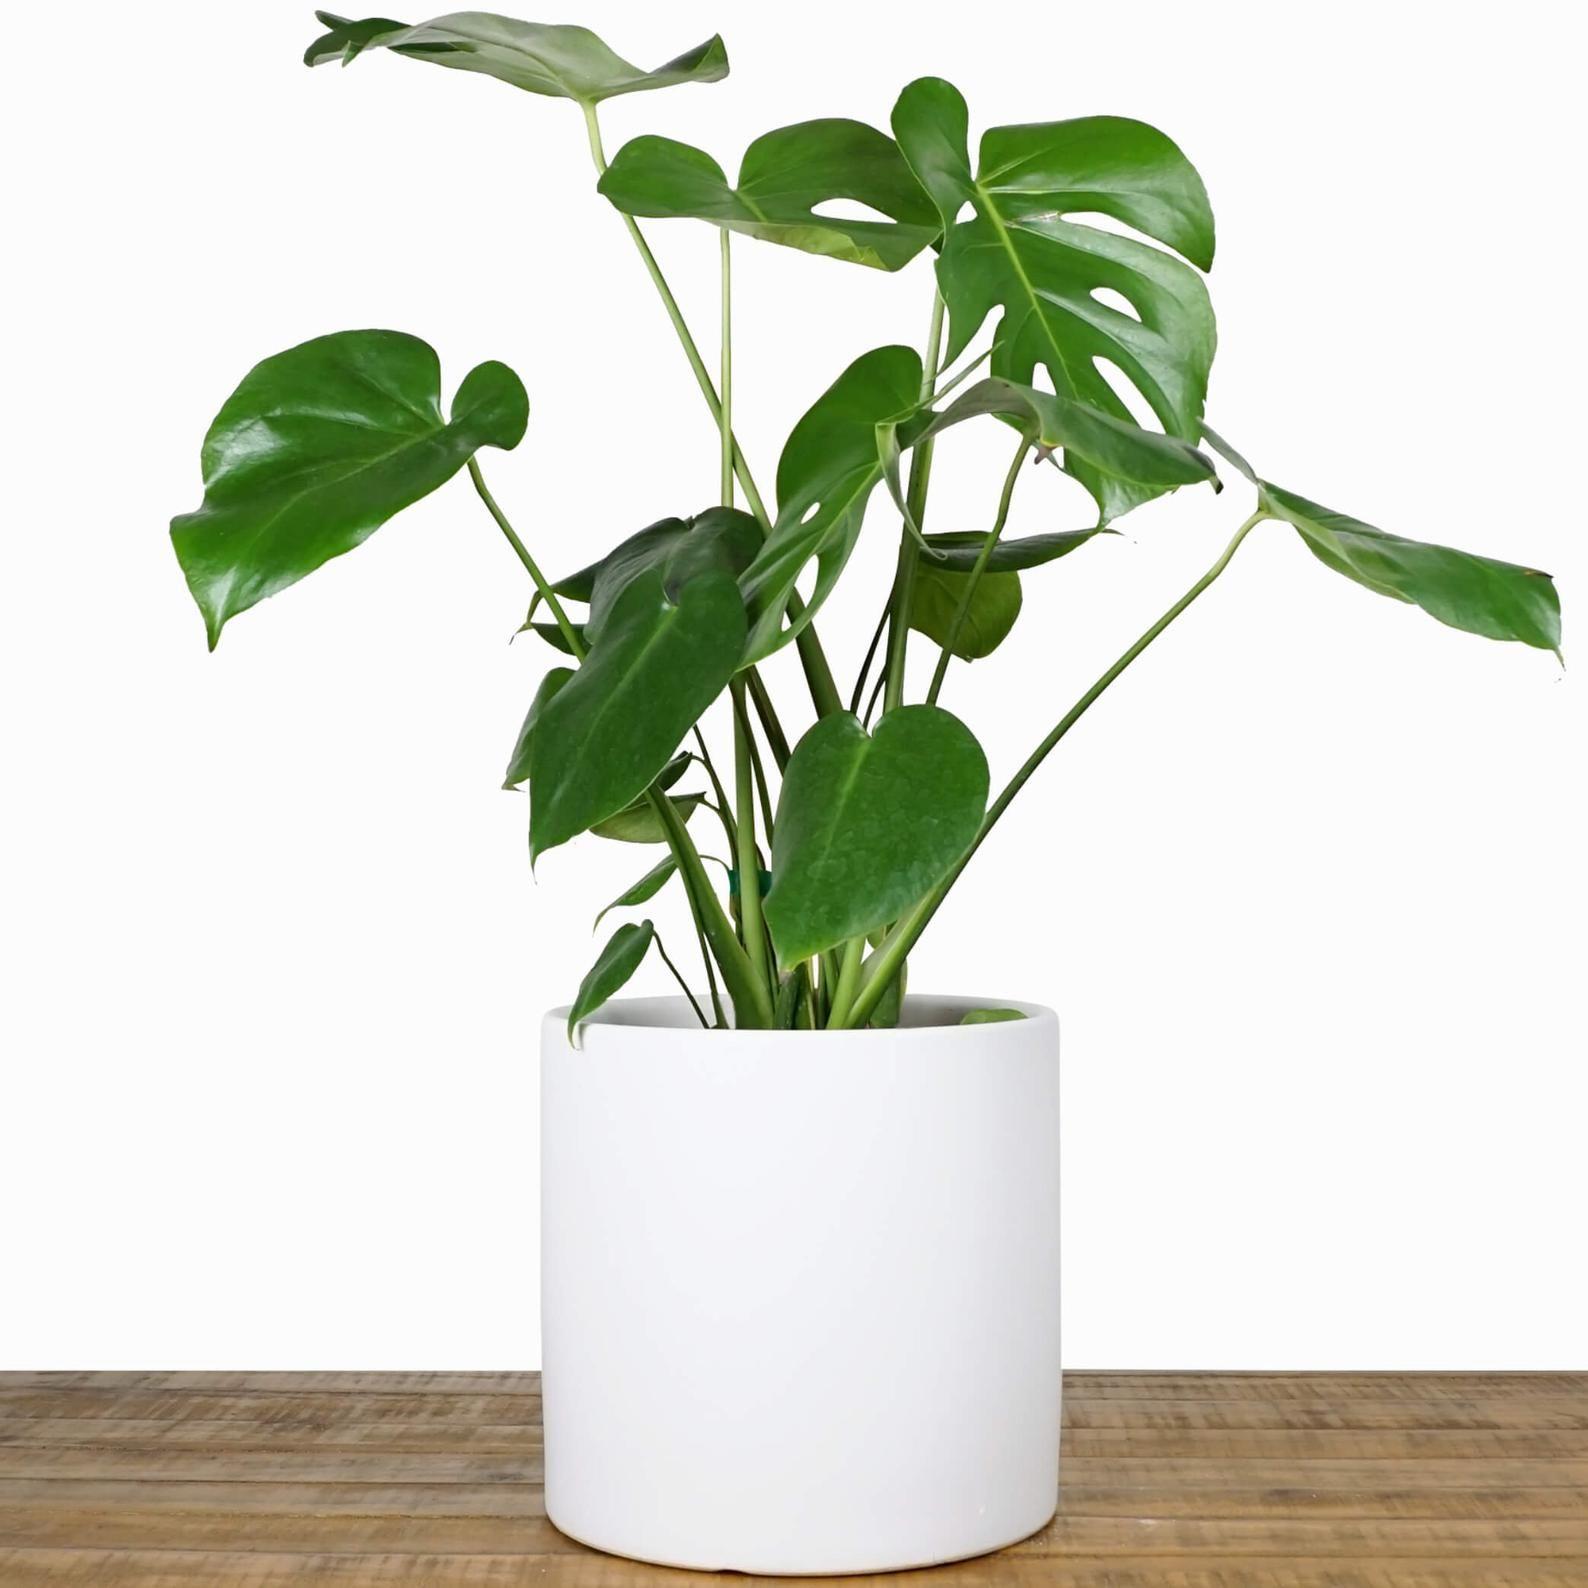 Indoor Planter Ceramic Plant Pot 15 12 Etsy Ceramic Plant Pots Large Flower Pots Indoor Planters